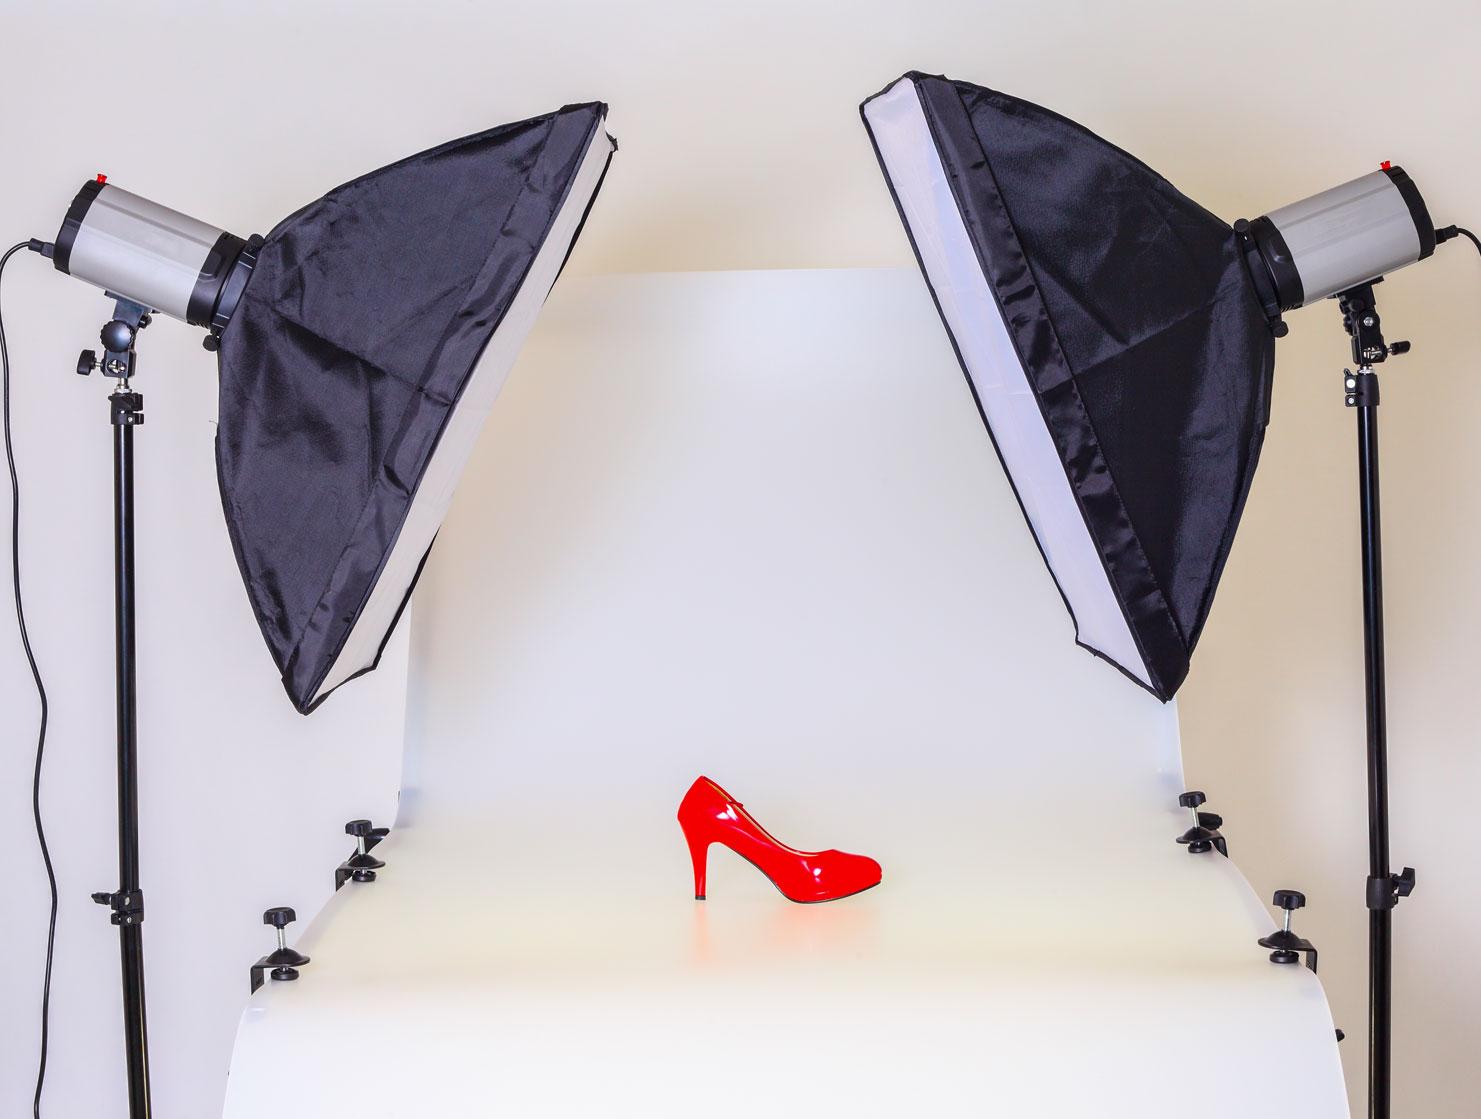 fotolampen in studio met rode schoen